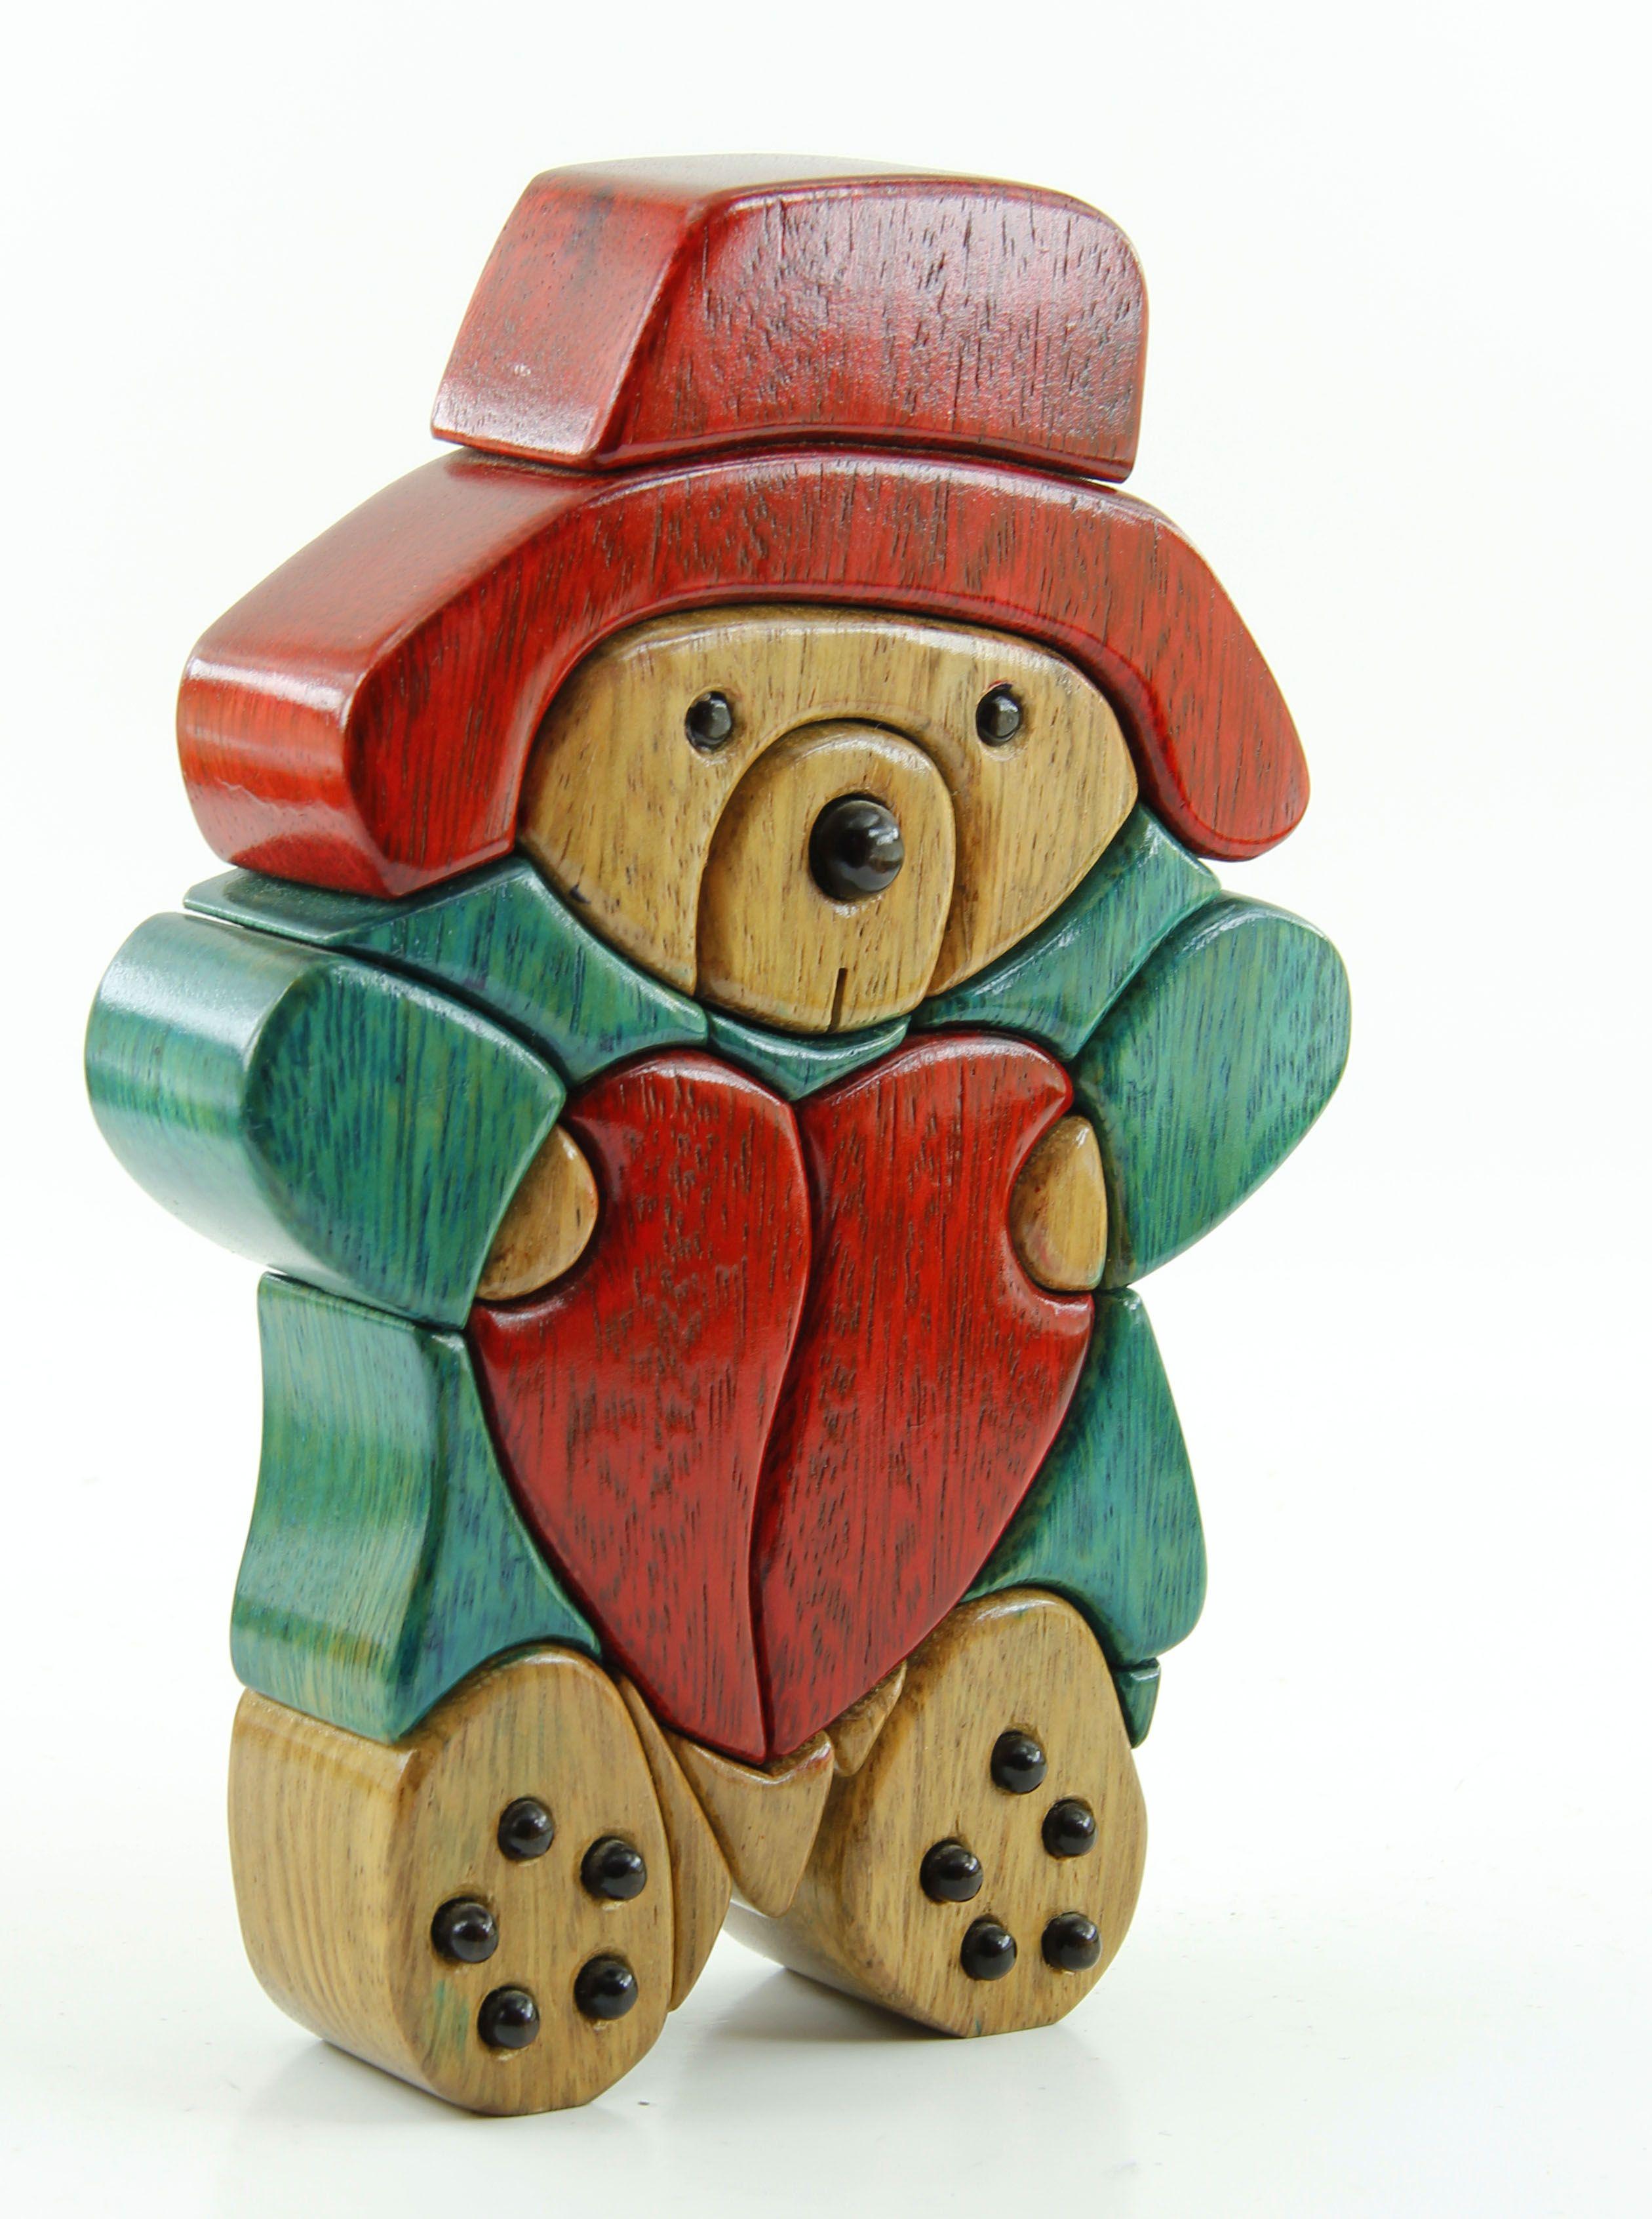 Osito con corazon intarsia pinterest woodworking